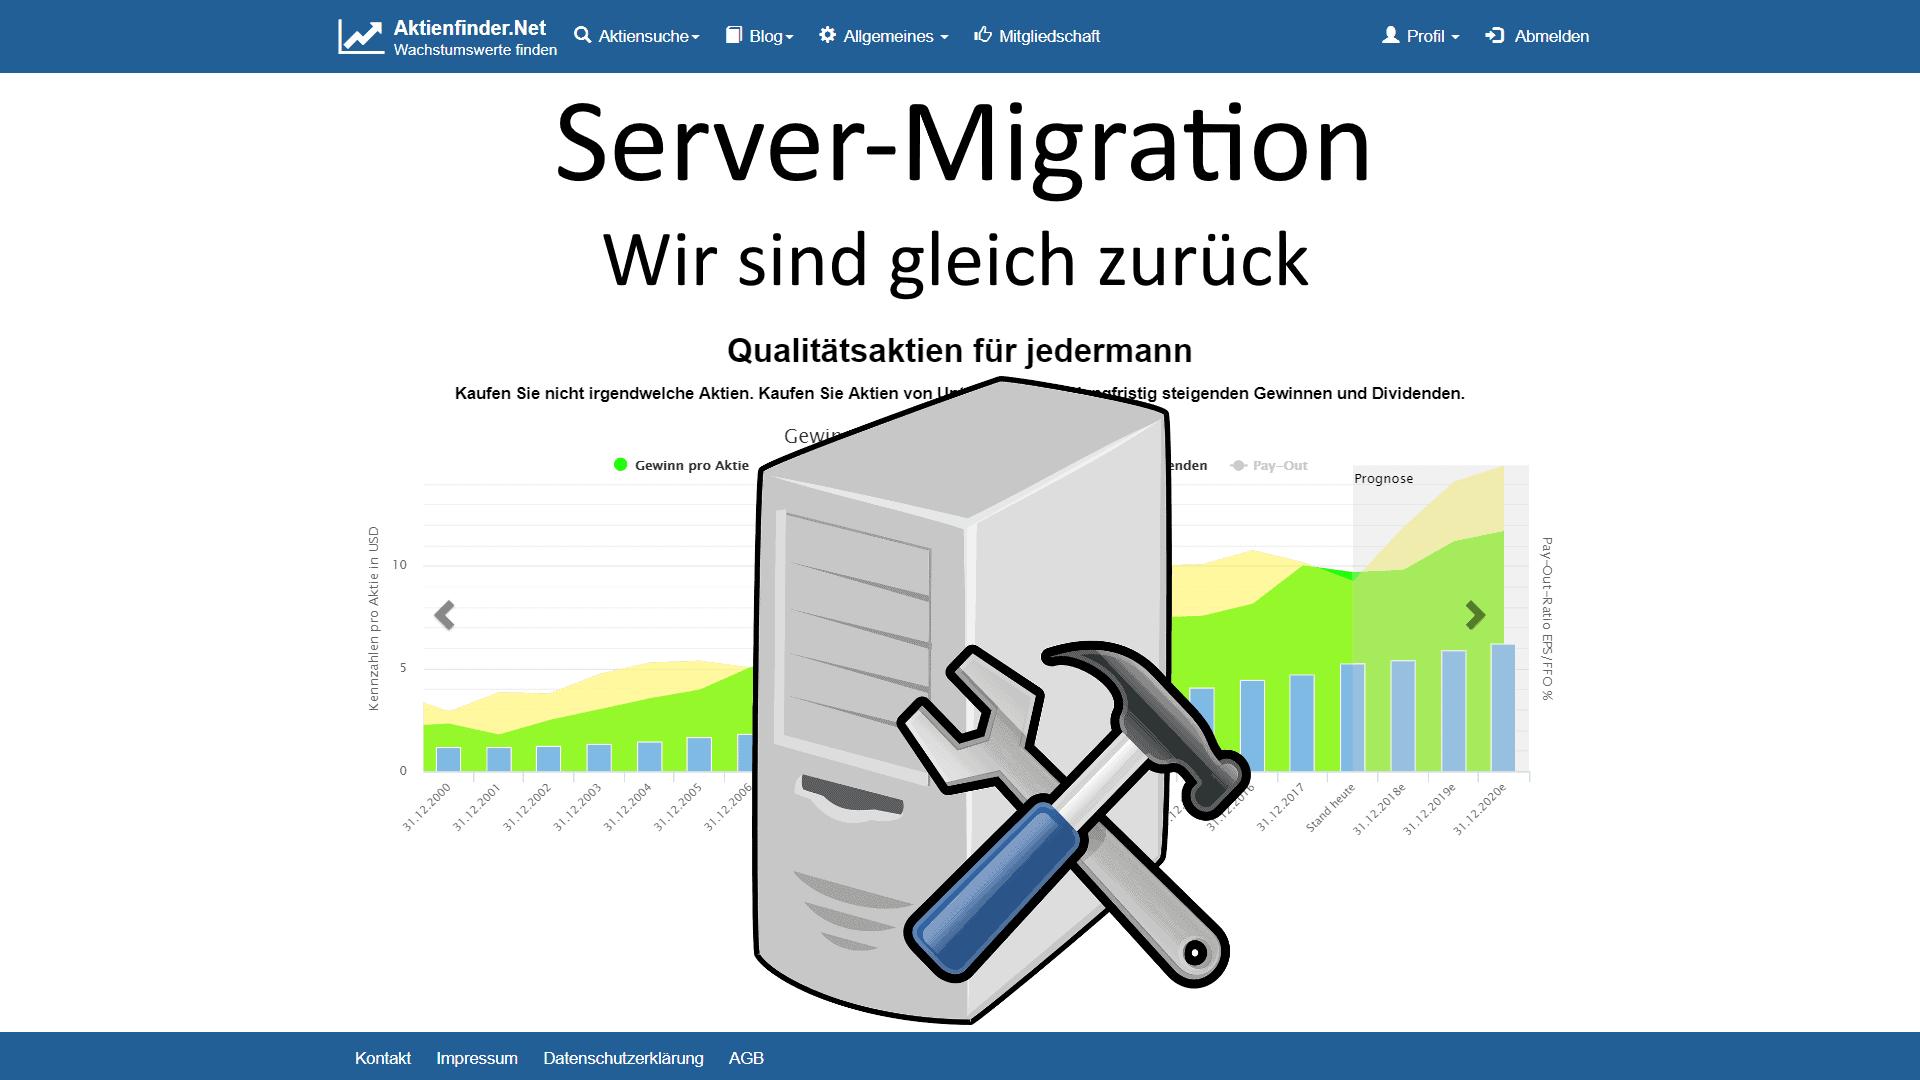 Server Migration erfolgreich verlaufen